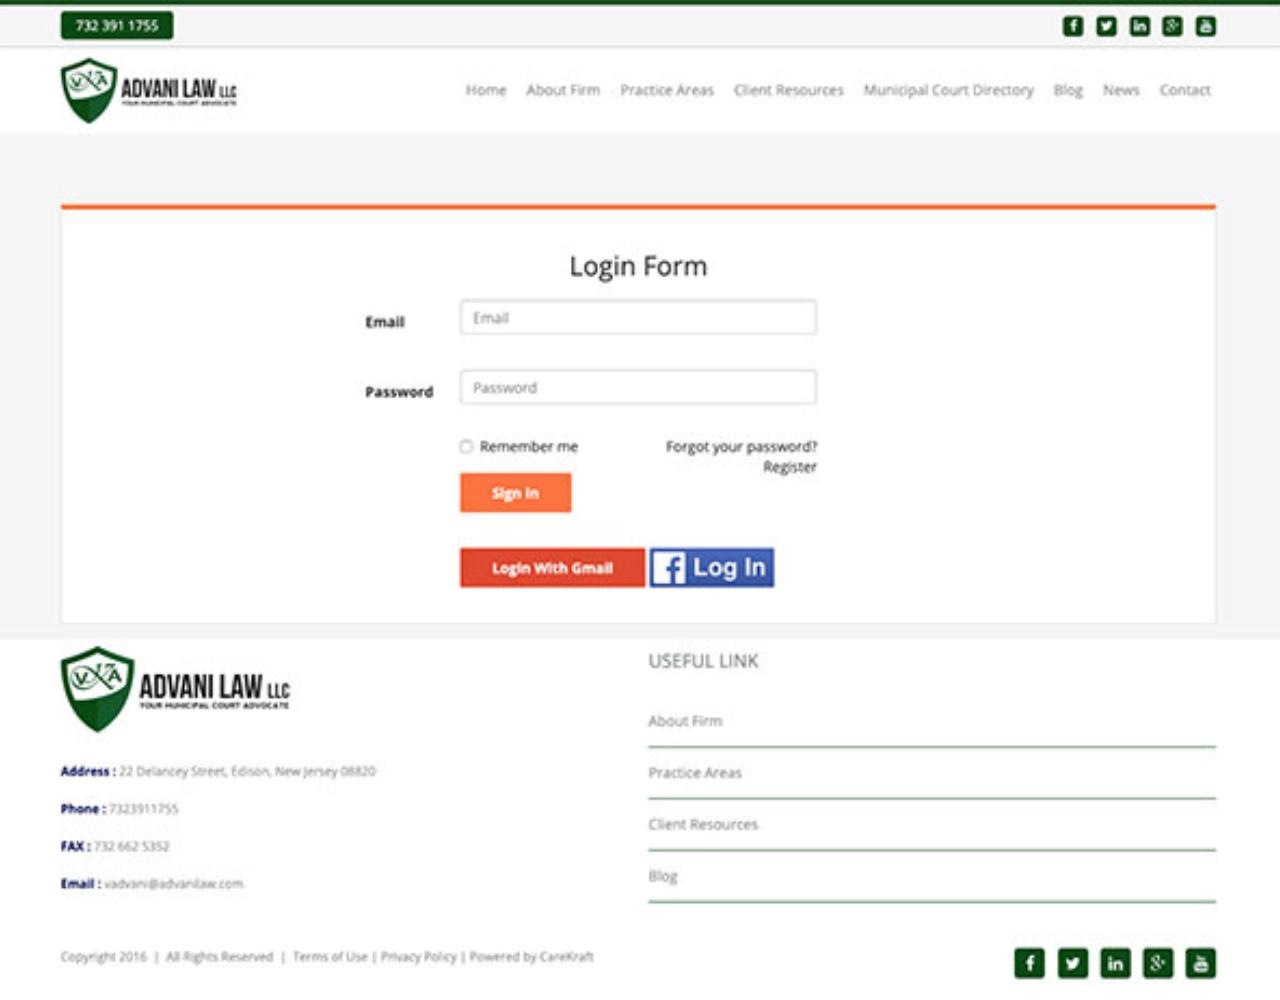 Advani Law Ticket App